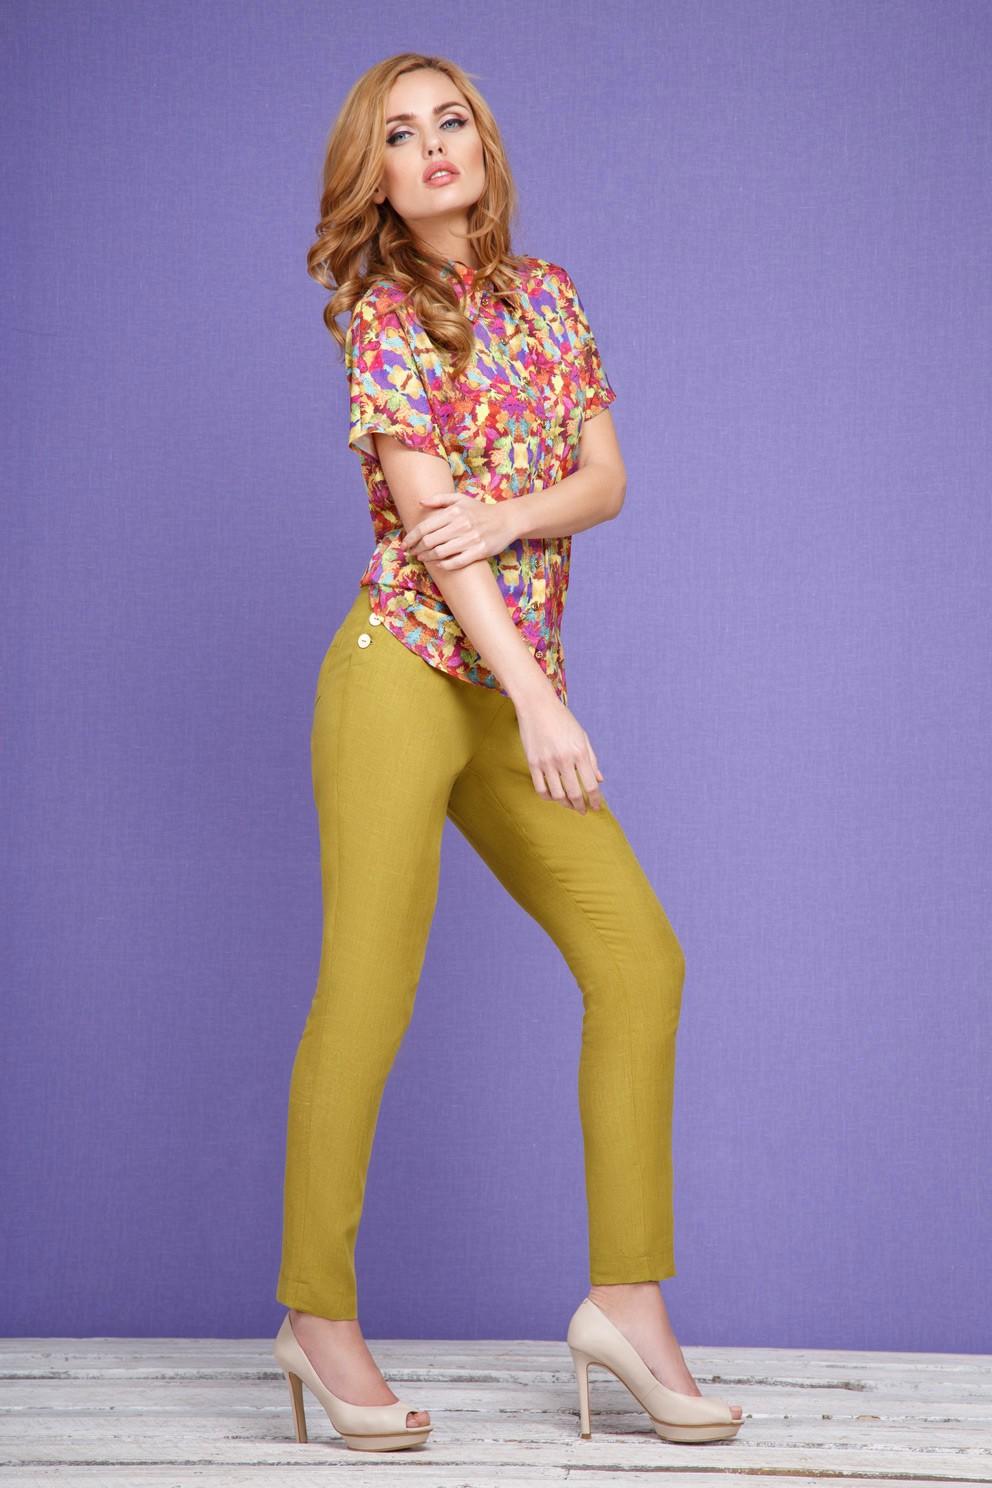 Сбор заказов. Романтичная, натуральная, всегда красивая белорусская Lеntа.Чувственная, нежная, женственная, сводящая с ума-55!!! Очень низкие цены на брюки,юбки,блузы!!! Новинки!!!